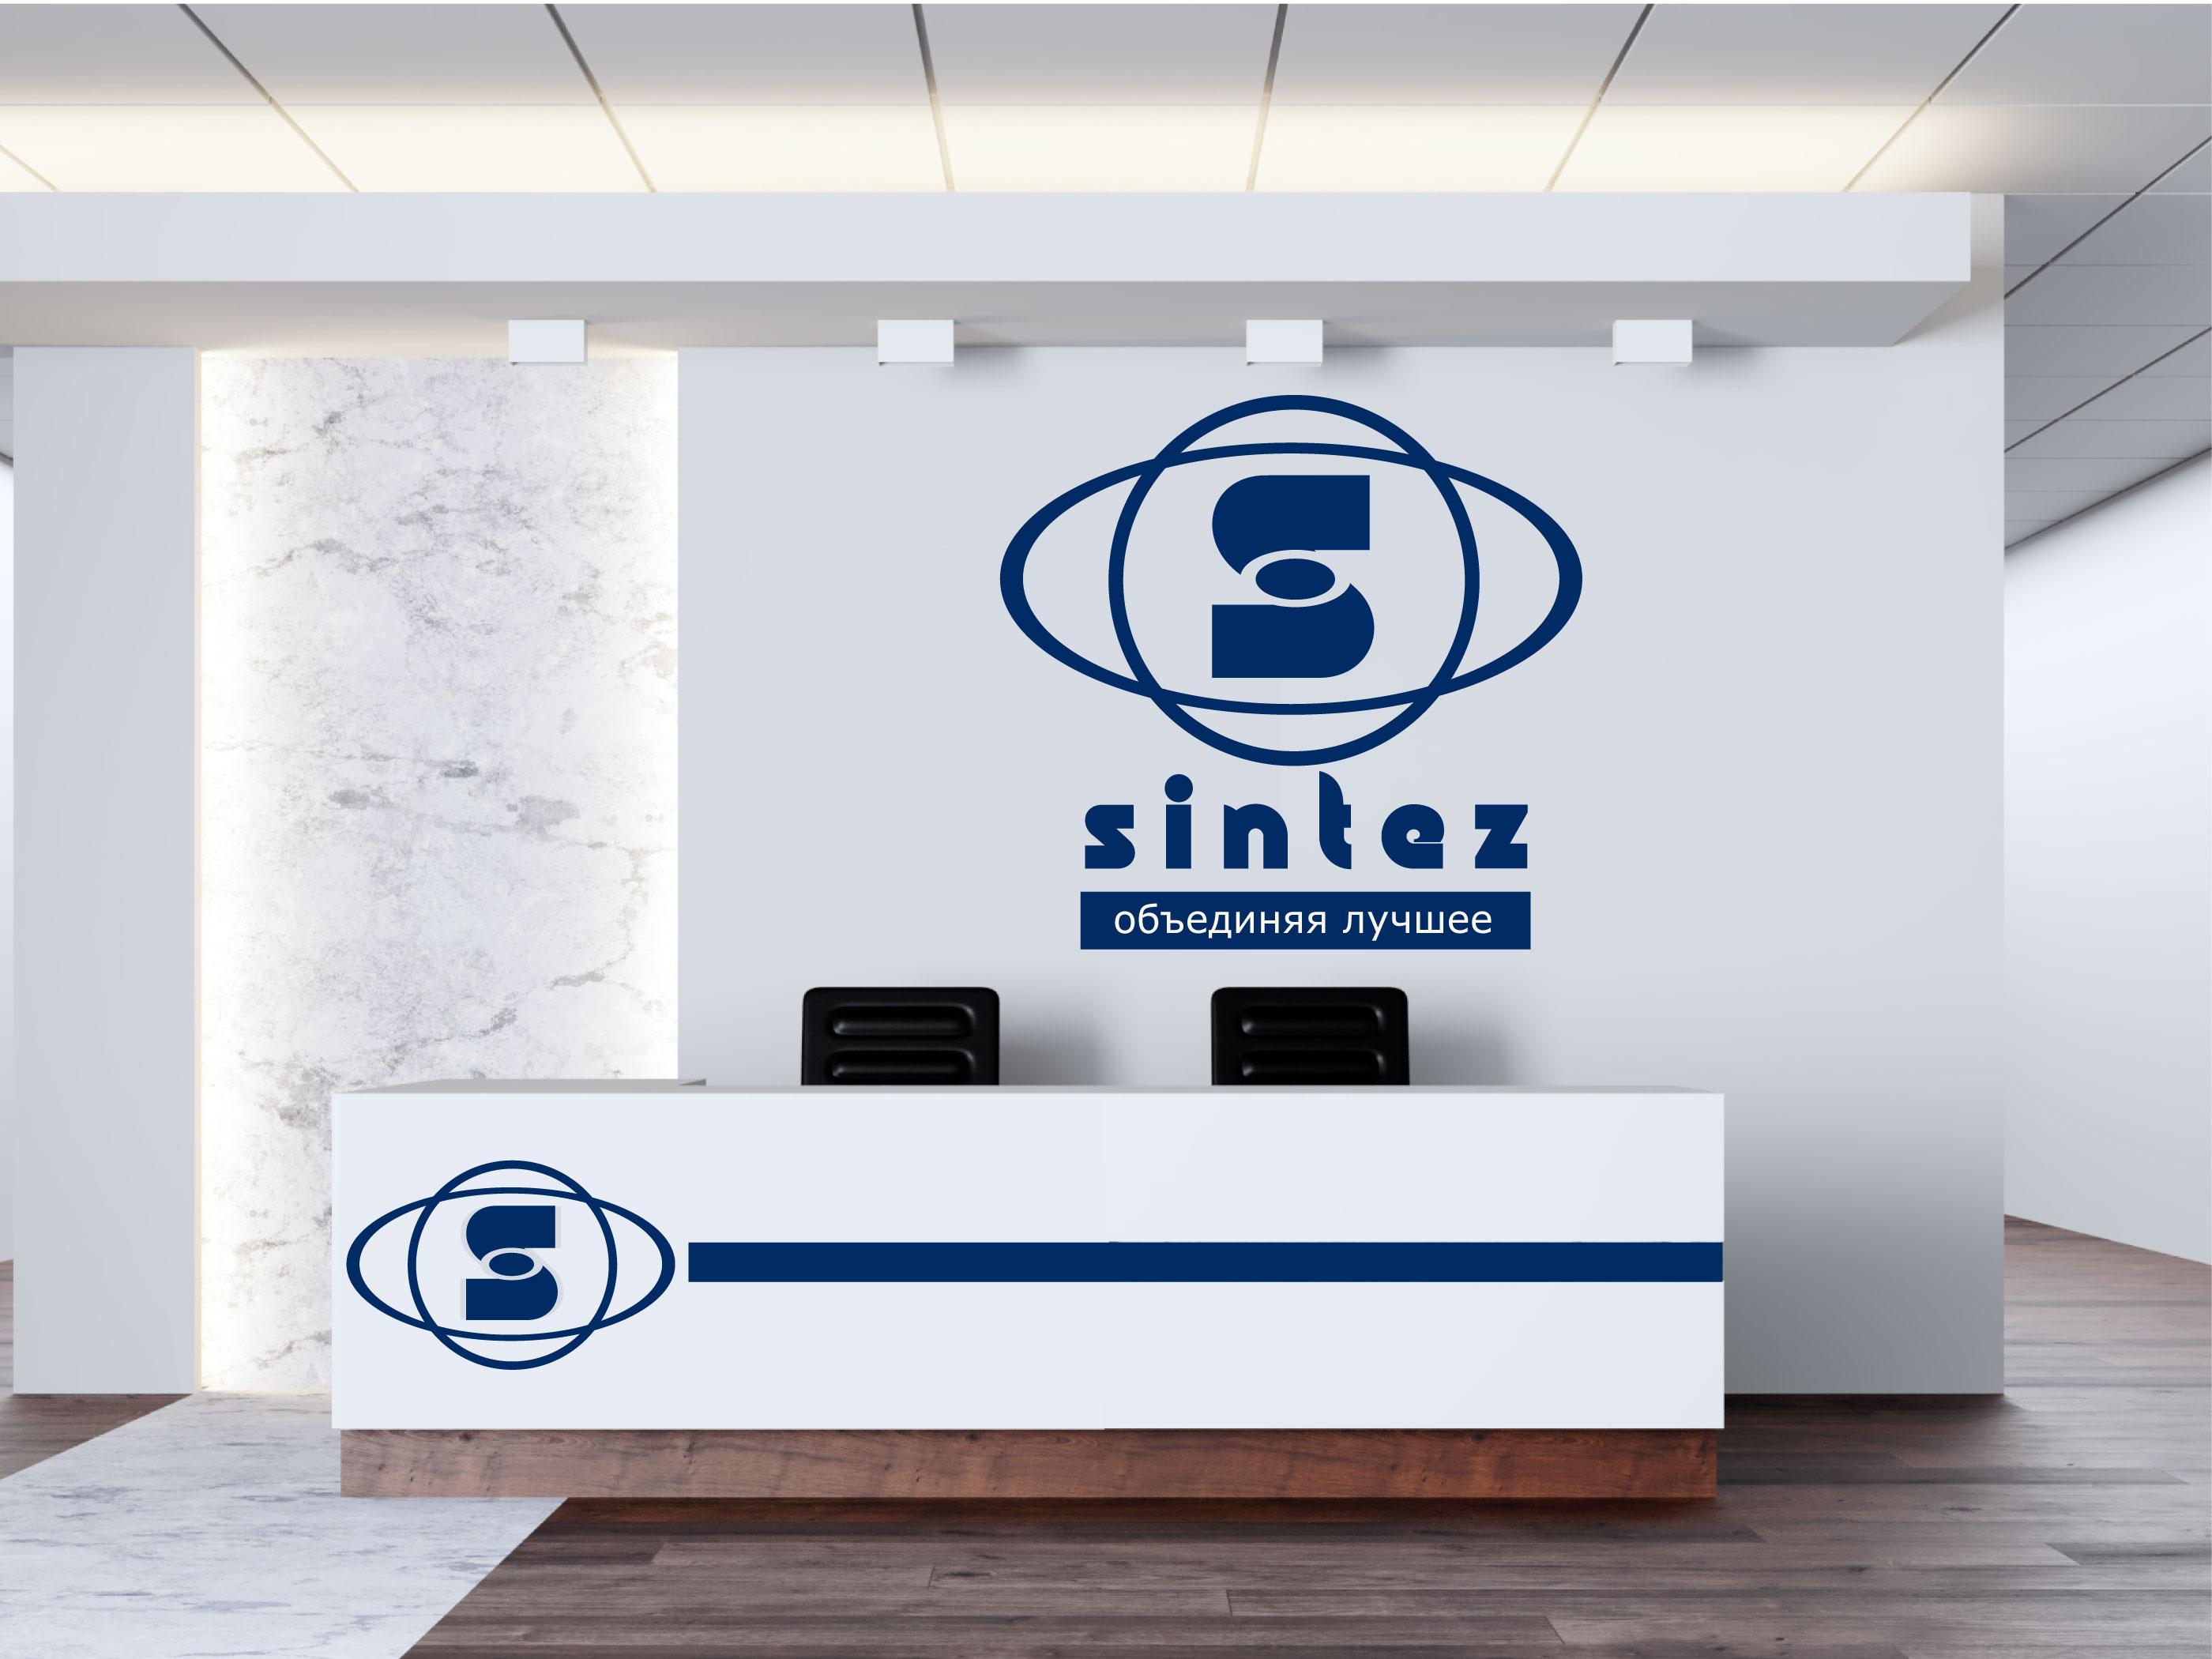 Разрабтка логотипа компании и фирменного шрифта фото f_5955f60b57a36d5d.jpg